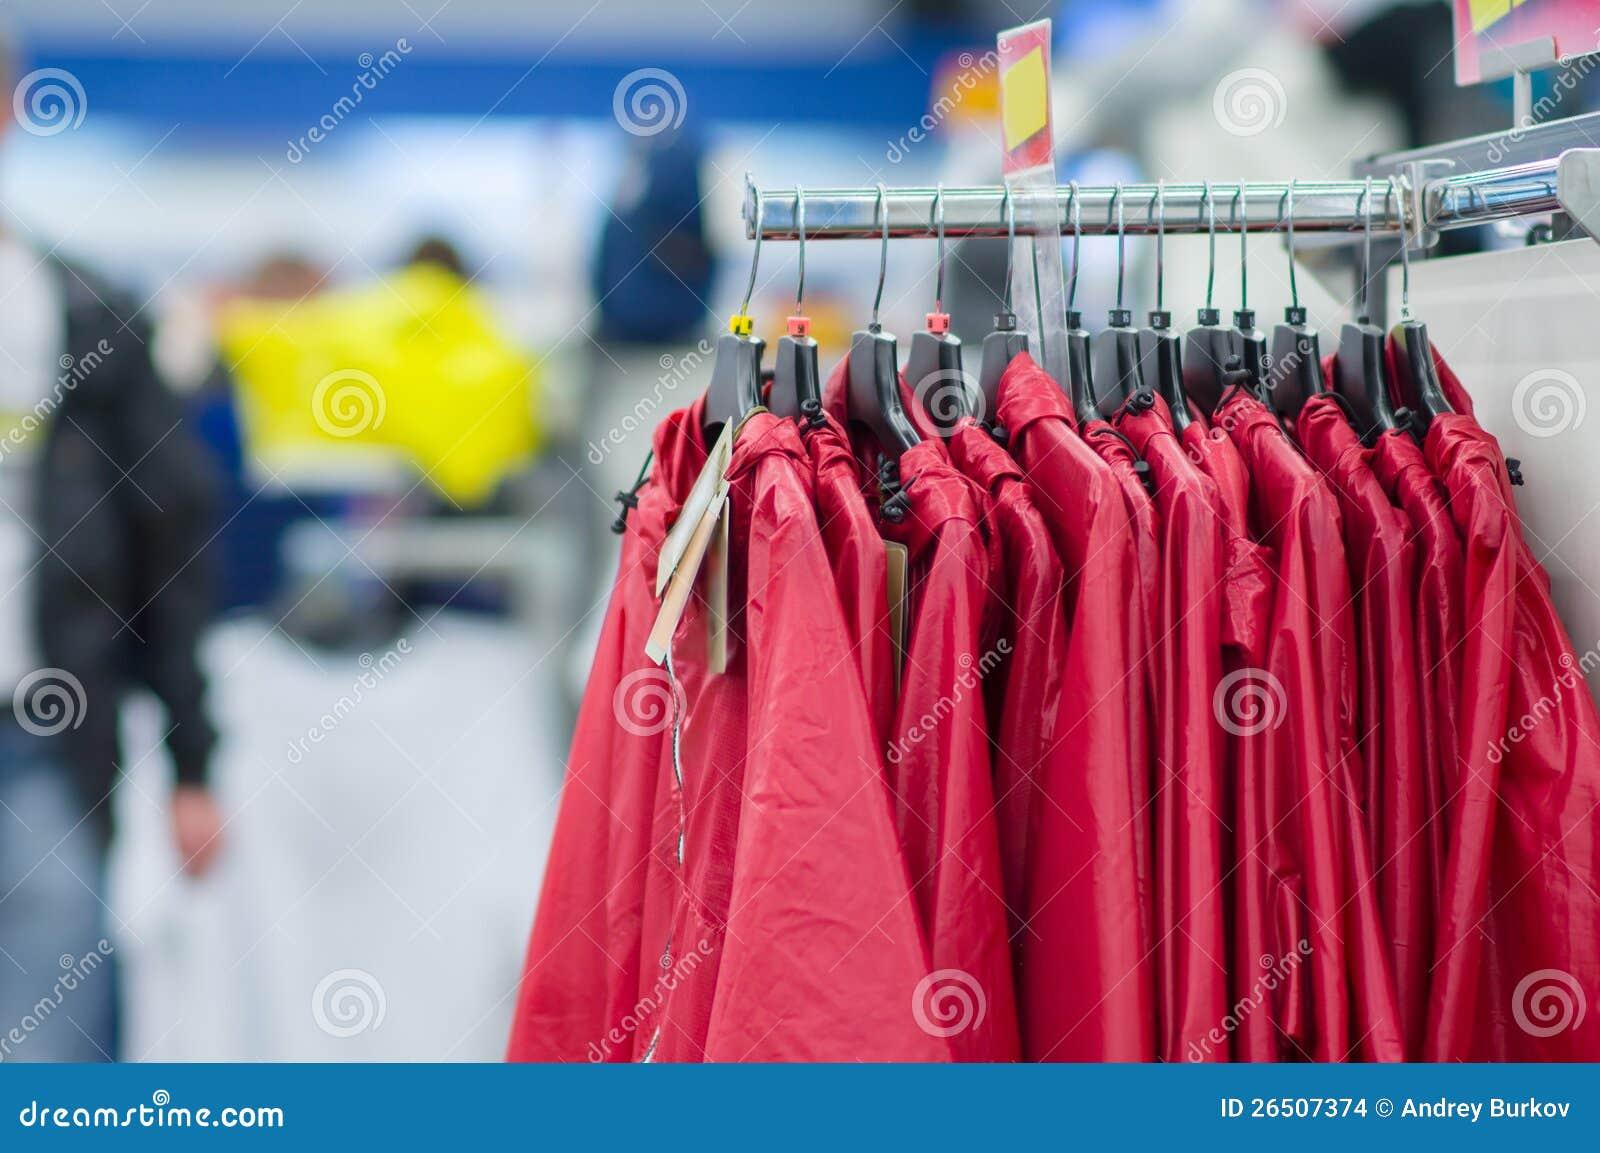 Revestimentos e vestes do ósmio da variedade em carrinhos